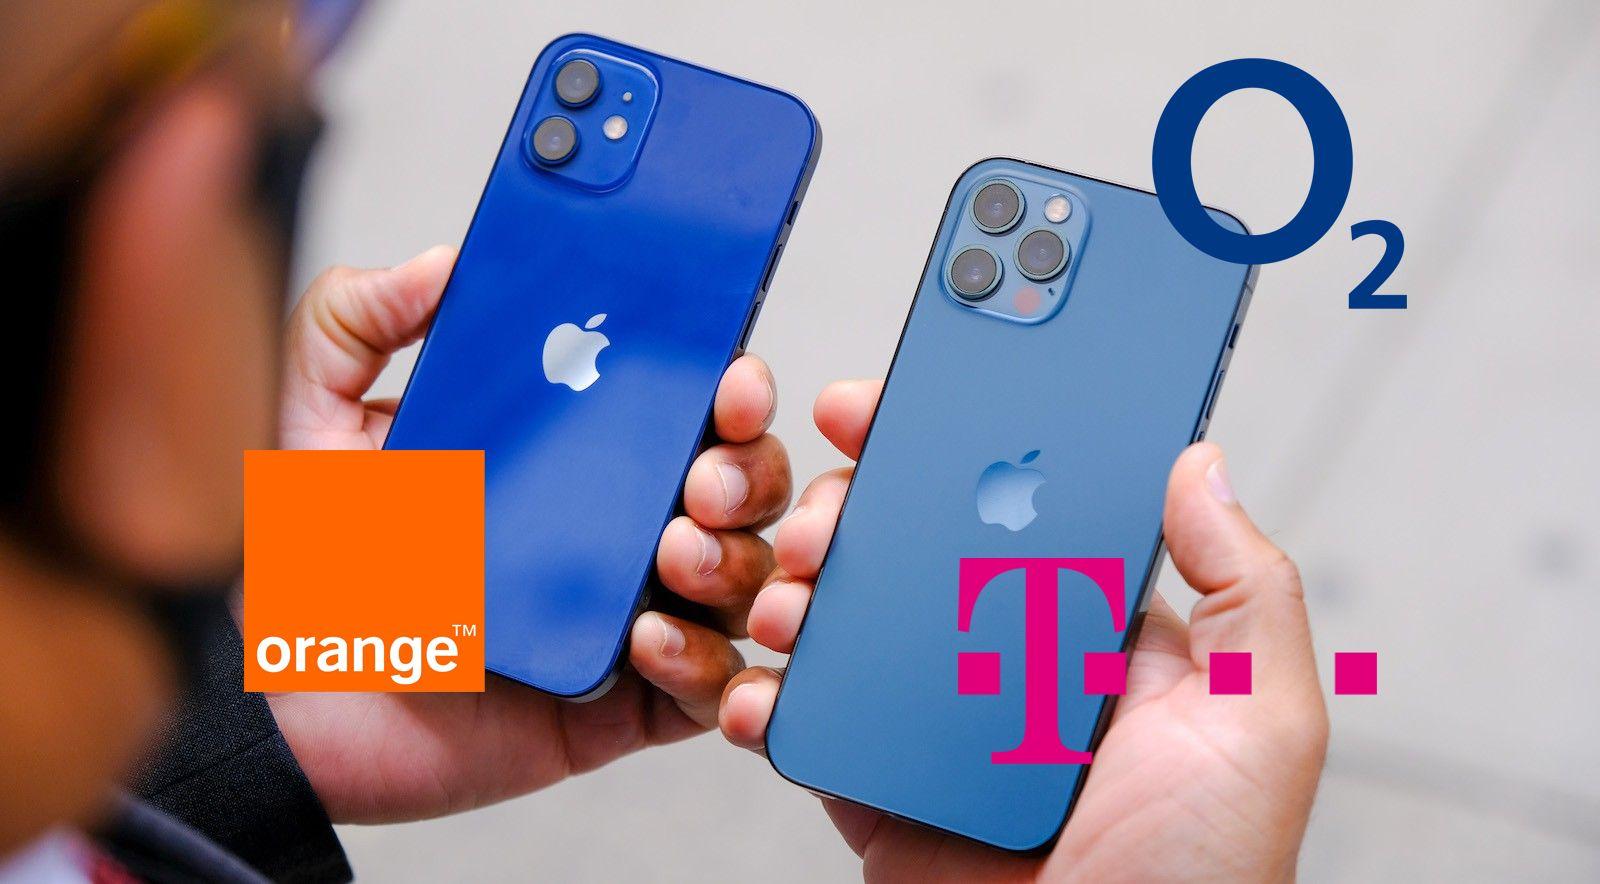 U ktorého slovenského operátora kúpiš nový iPhone 12 najlacnejšie? Slovenské ceny tie oficiálne od Apple niekde navýšili